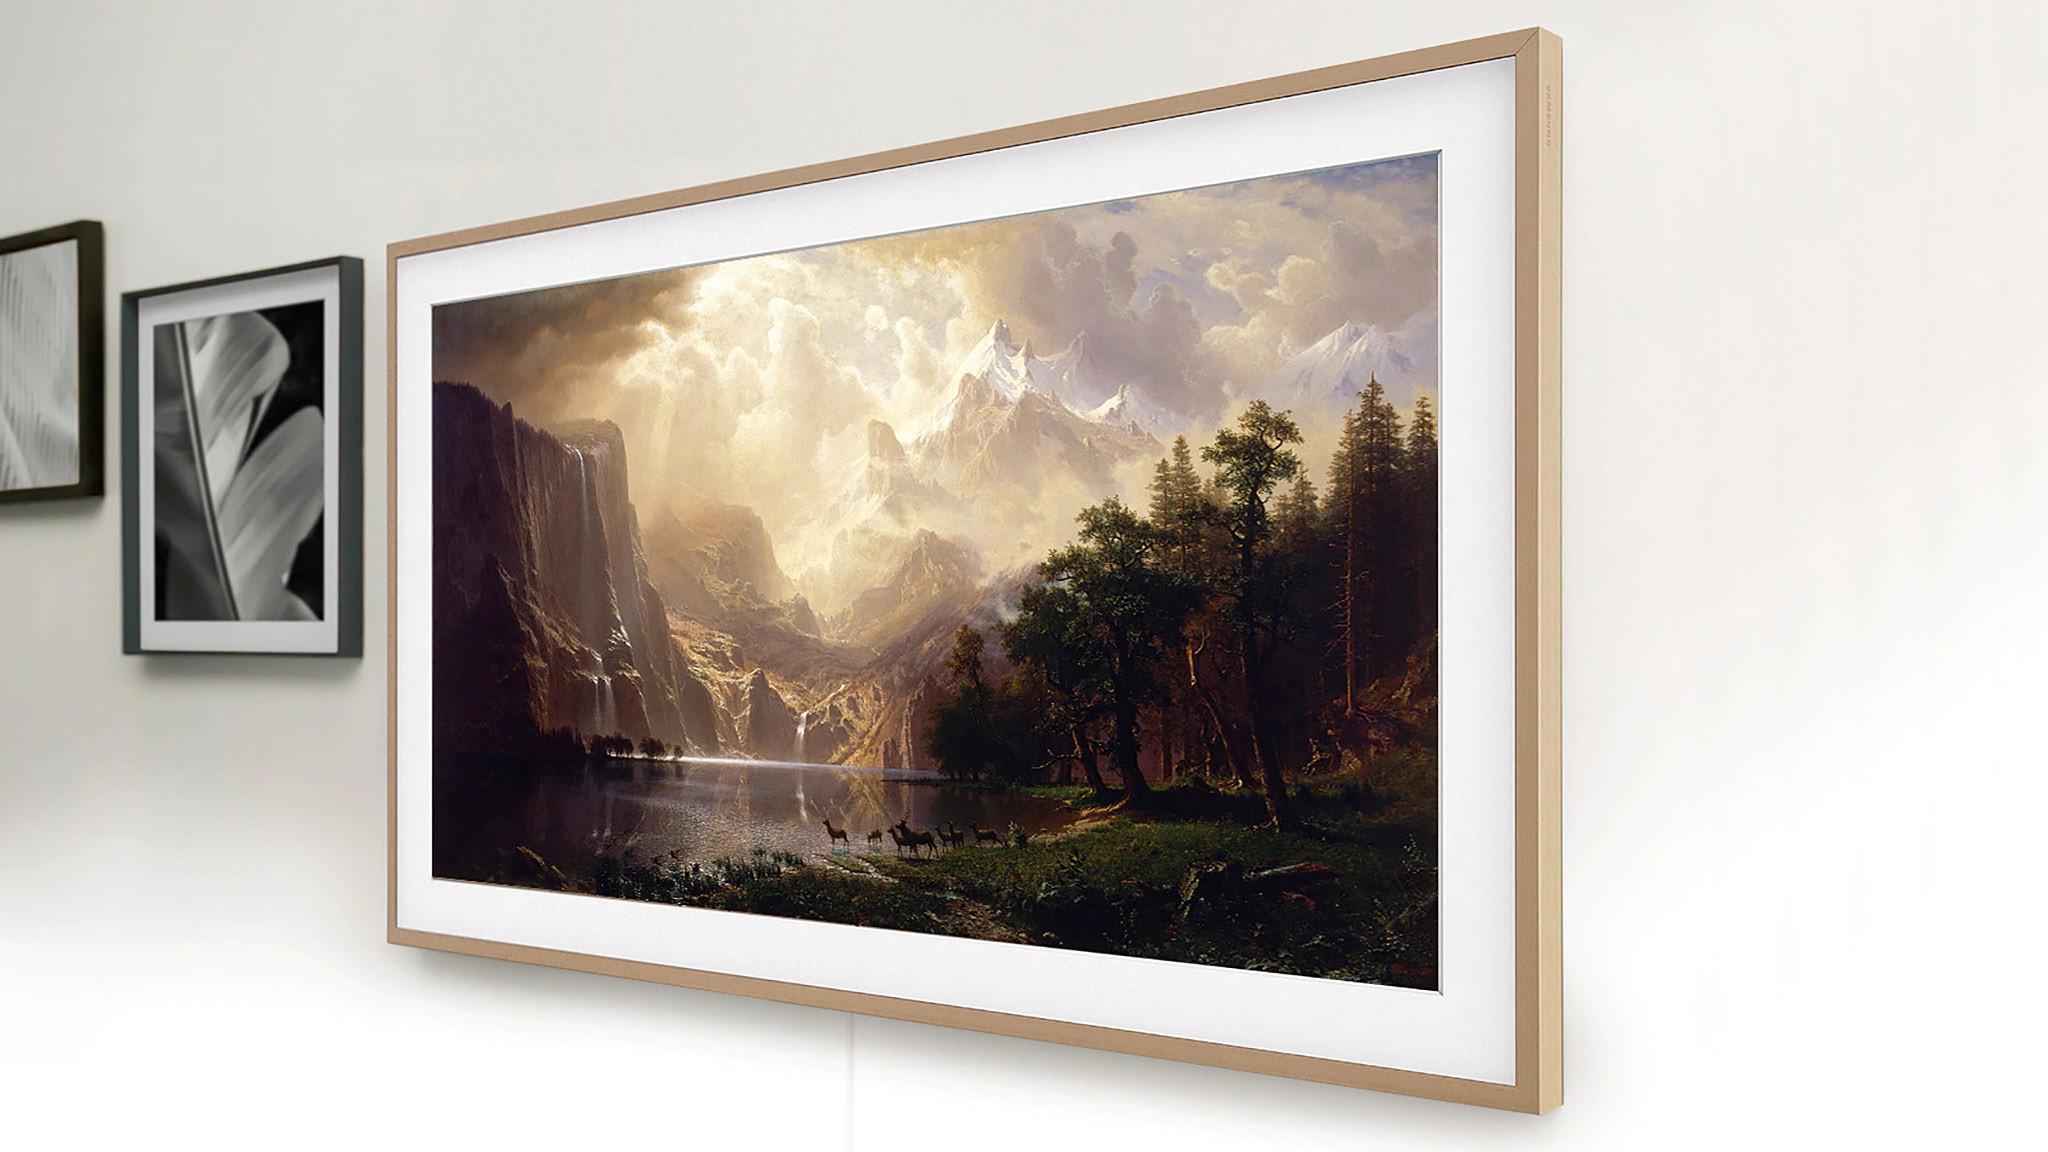 Samsung The Frame: Im Test überzeugte der Fernseher mit guten Farben, sattem Ton und umfangreicher Ausstattung.©Samsung